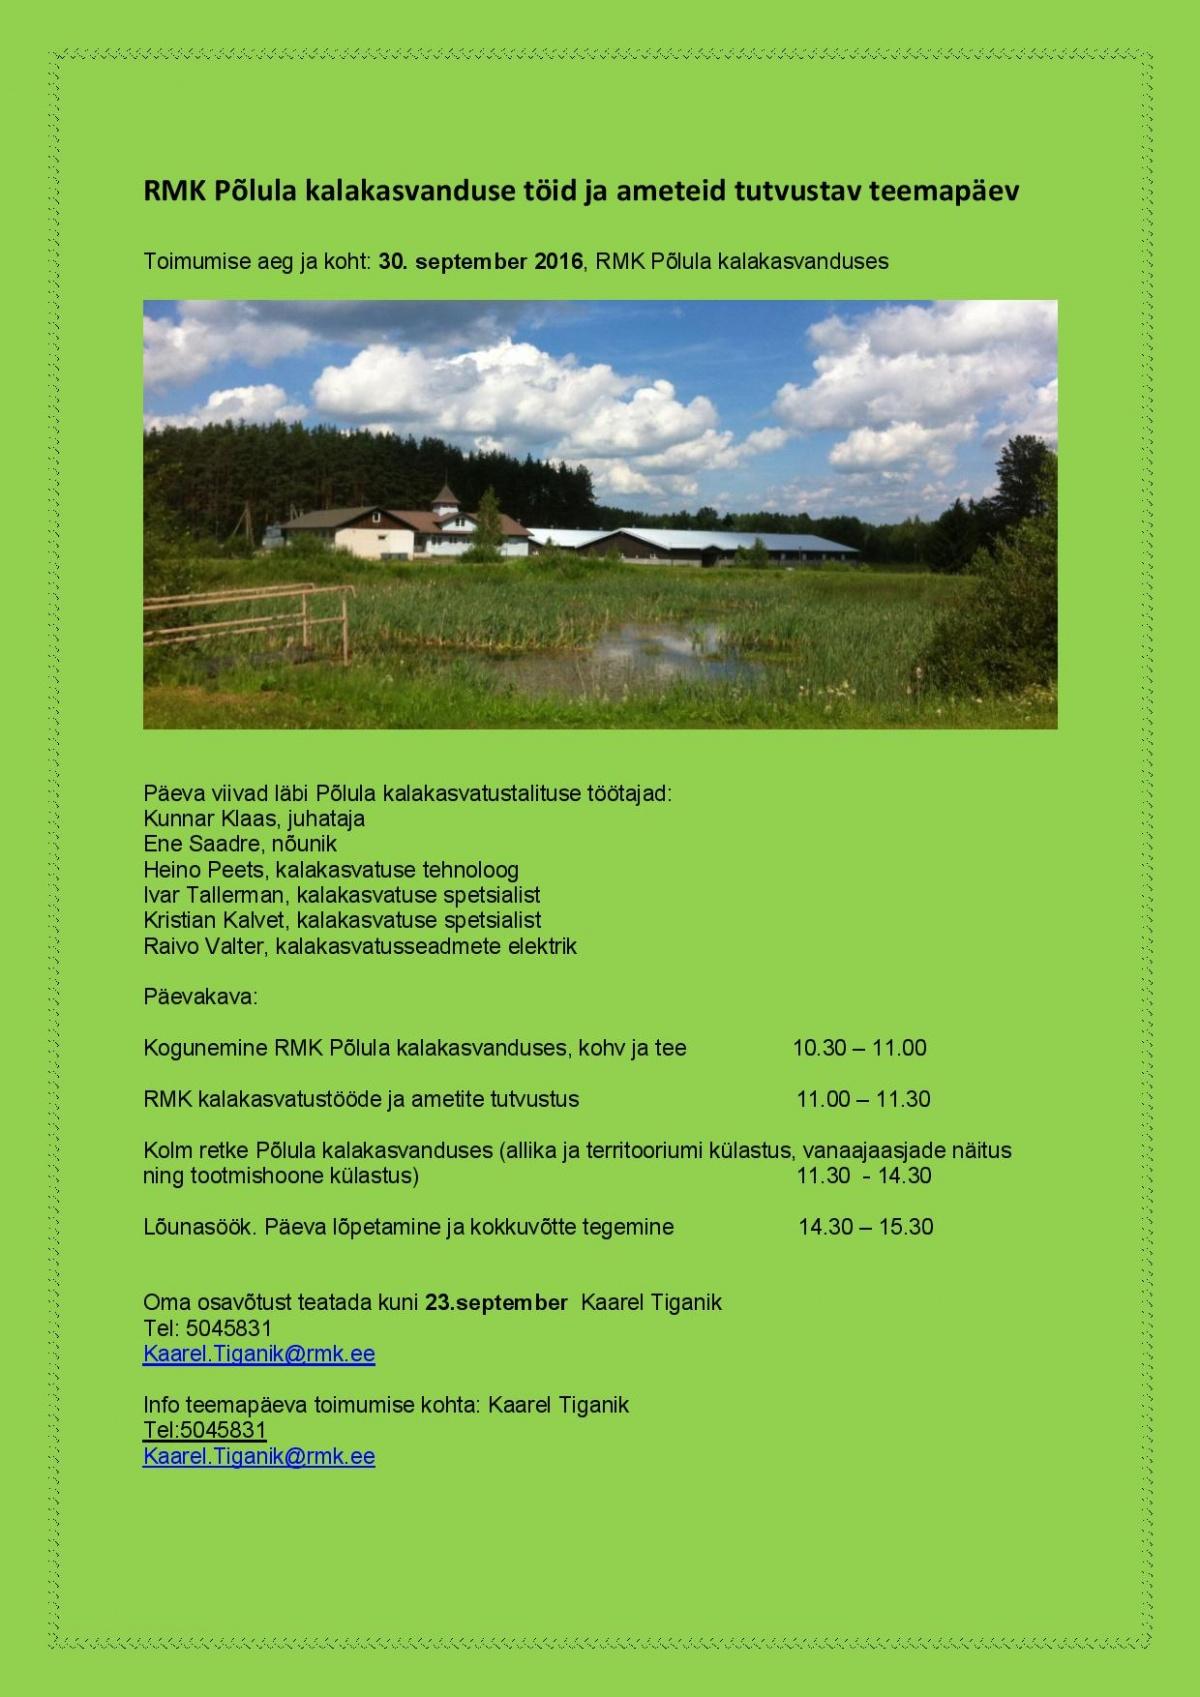 rmk-polula-kalakasvanduse-toid-ja-ameteid-tutvustav-teemapaev-kuulutus-page-001